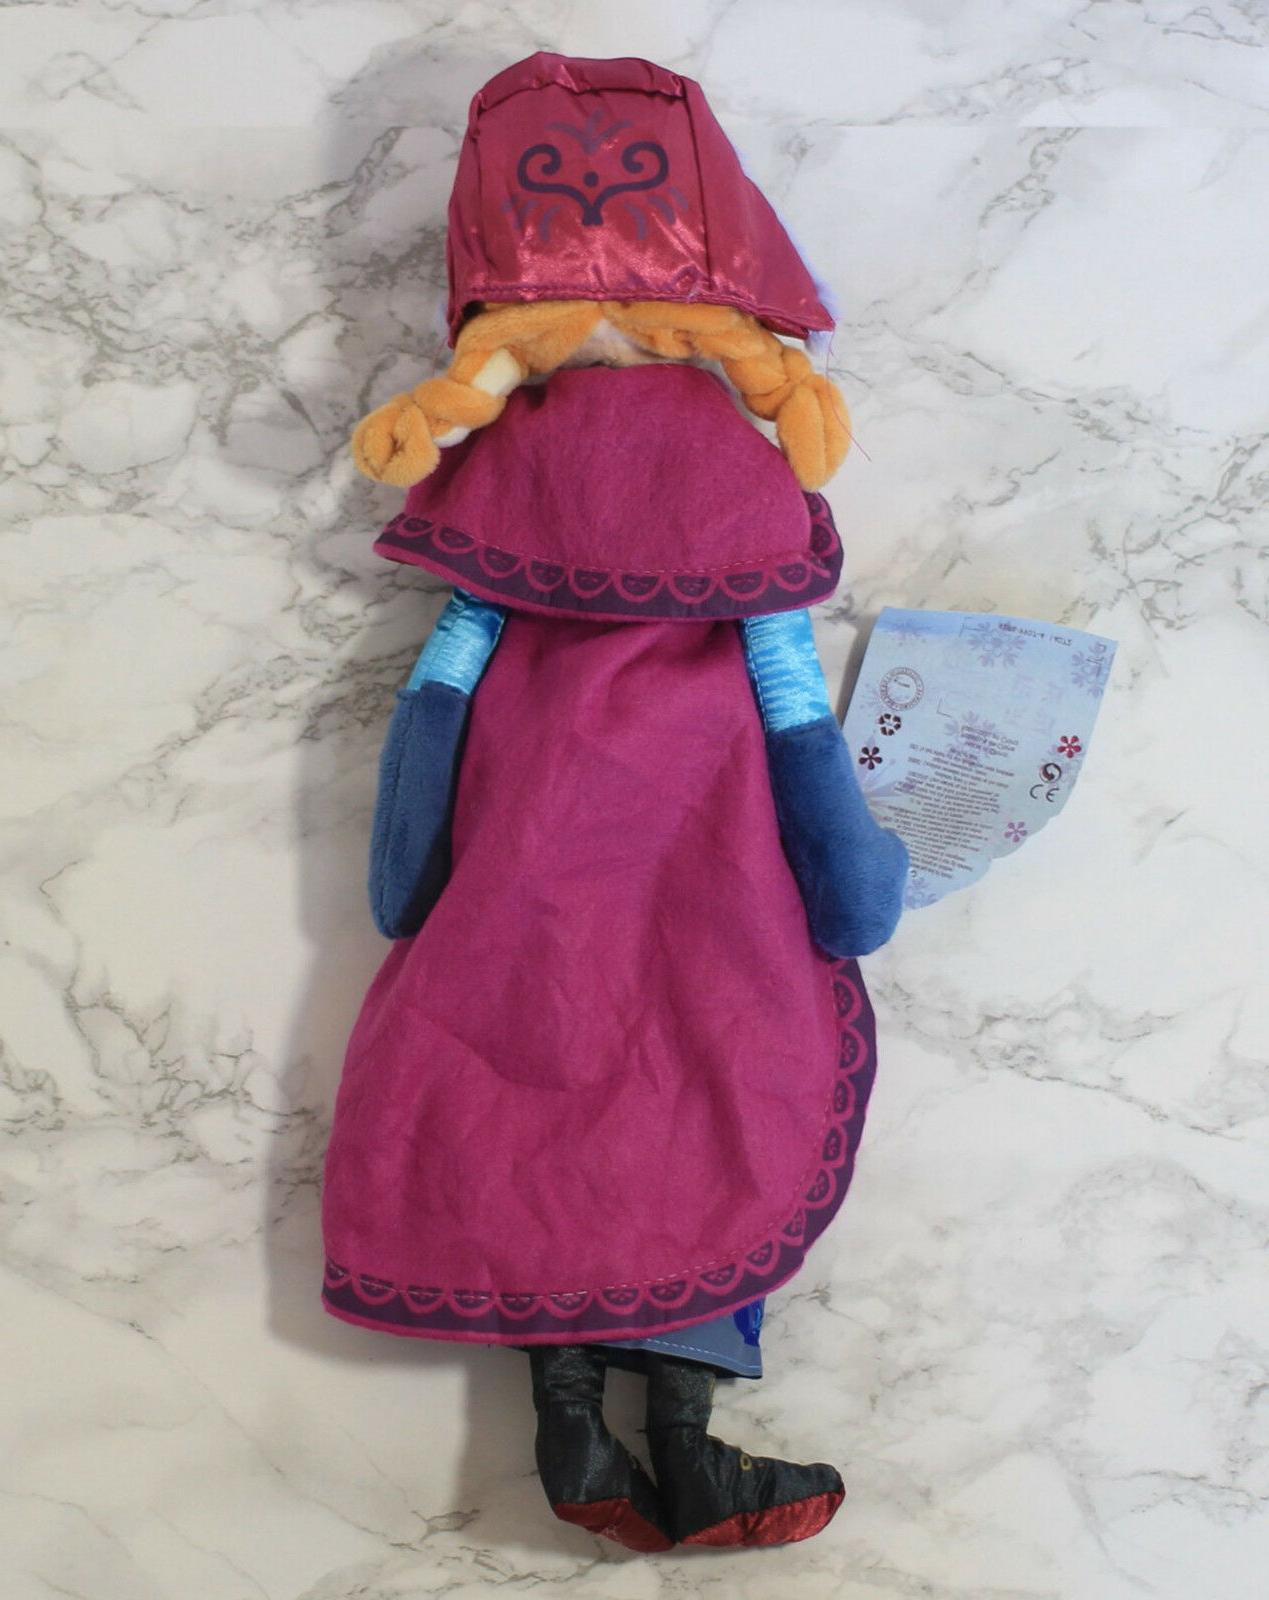 Birthday Frozen Disney Toy Plush